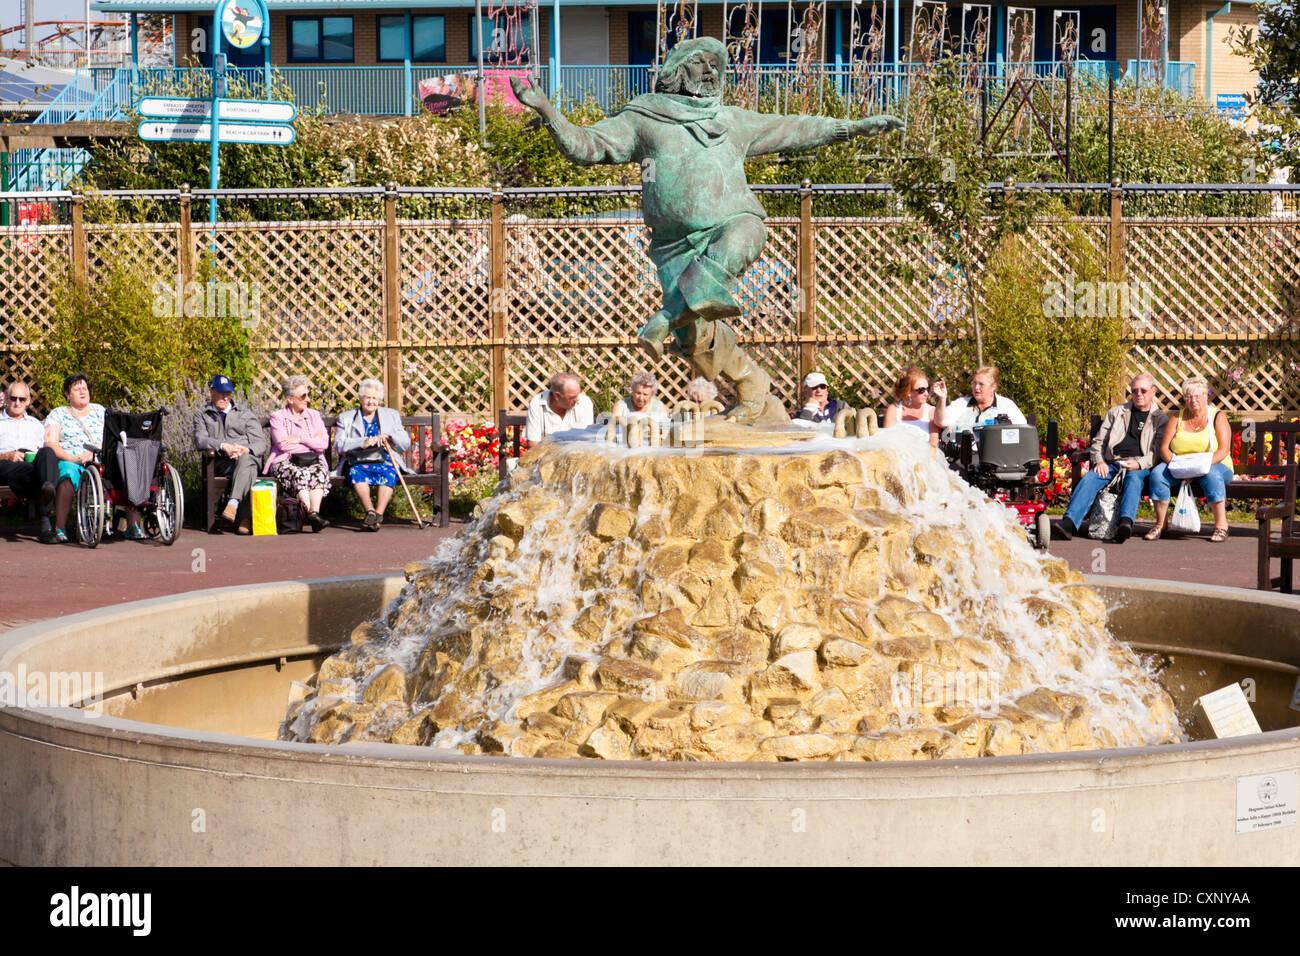 Les gens en vacances assis autour de la sculpture de pêcheur Jolly, Skegness Lincolnshire, Angleterre, RU Photo Stock